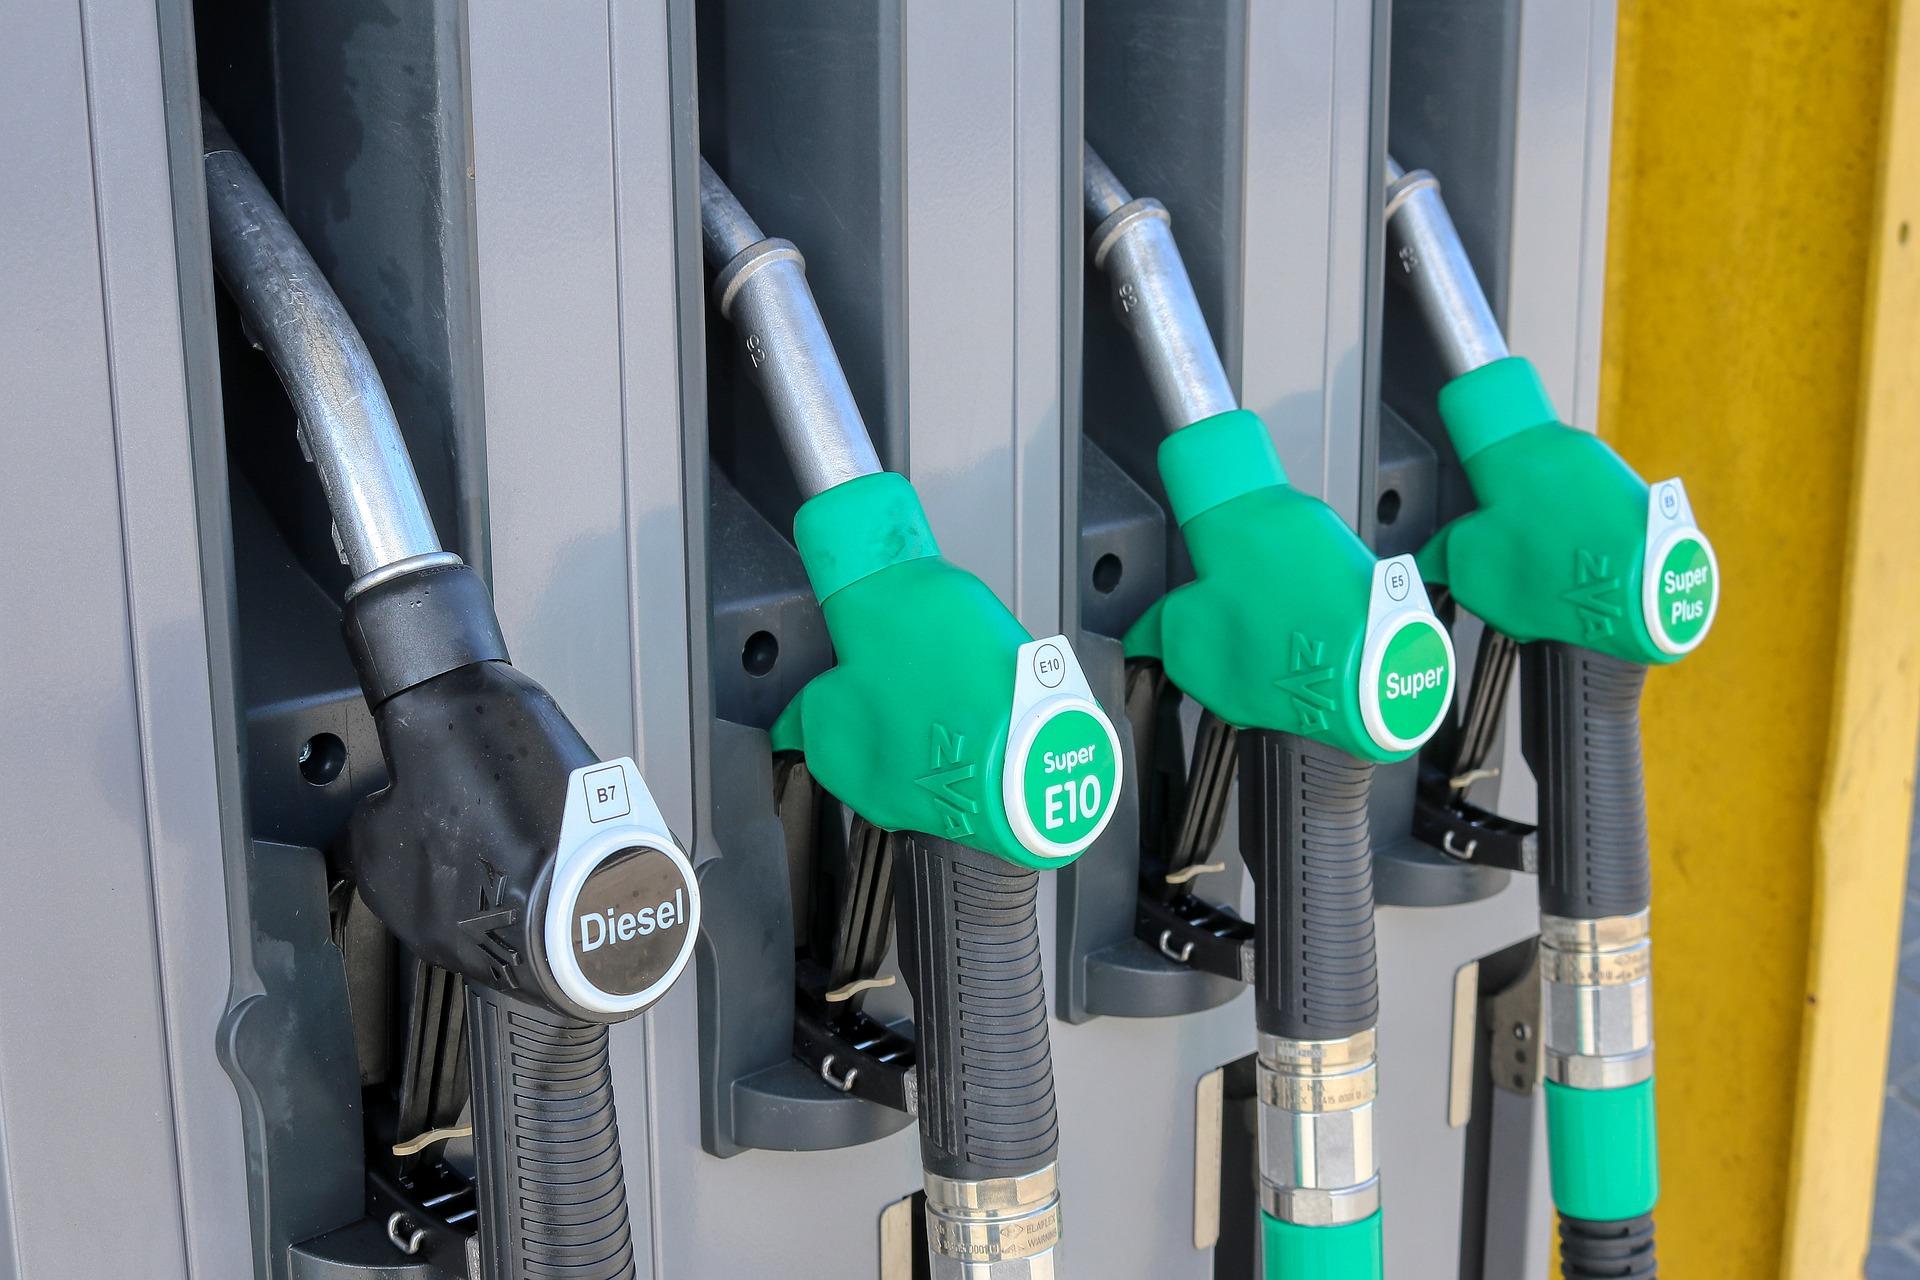 Dieselfahrverbot: Prognose der absehbaren Grenzwerteinhaltung widerspricht einer Verhältnismäßigkeit der Maßnahme 1